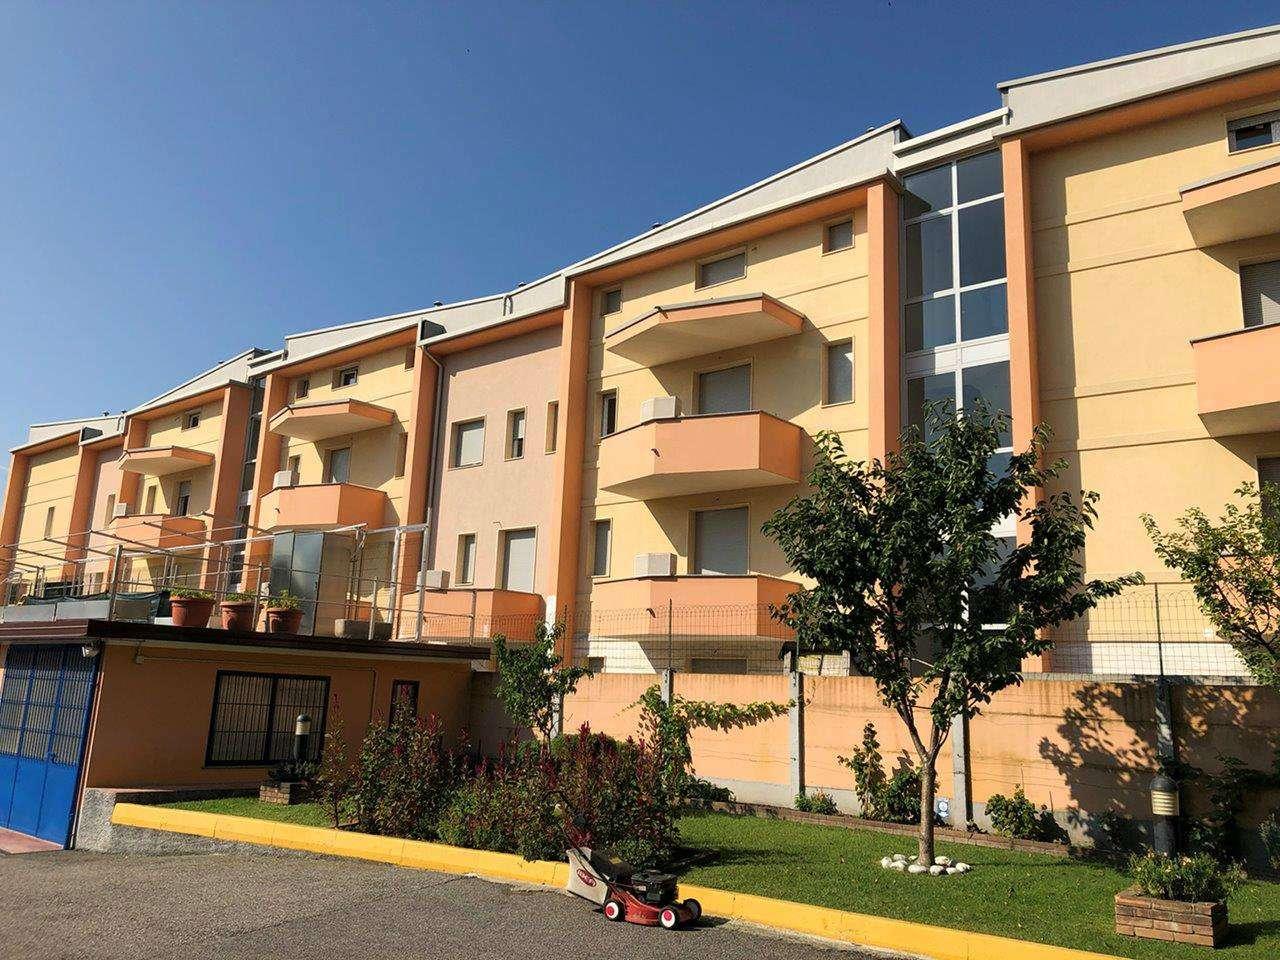 Appartamento in vendita a Muggiò, 4 locali, prezzo € 250.000 | PortaleAgenzieImmobiliari.it